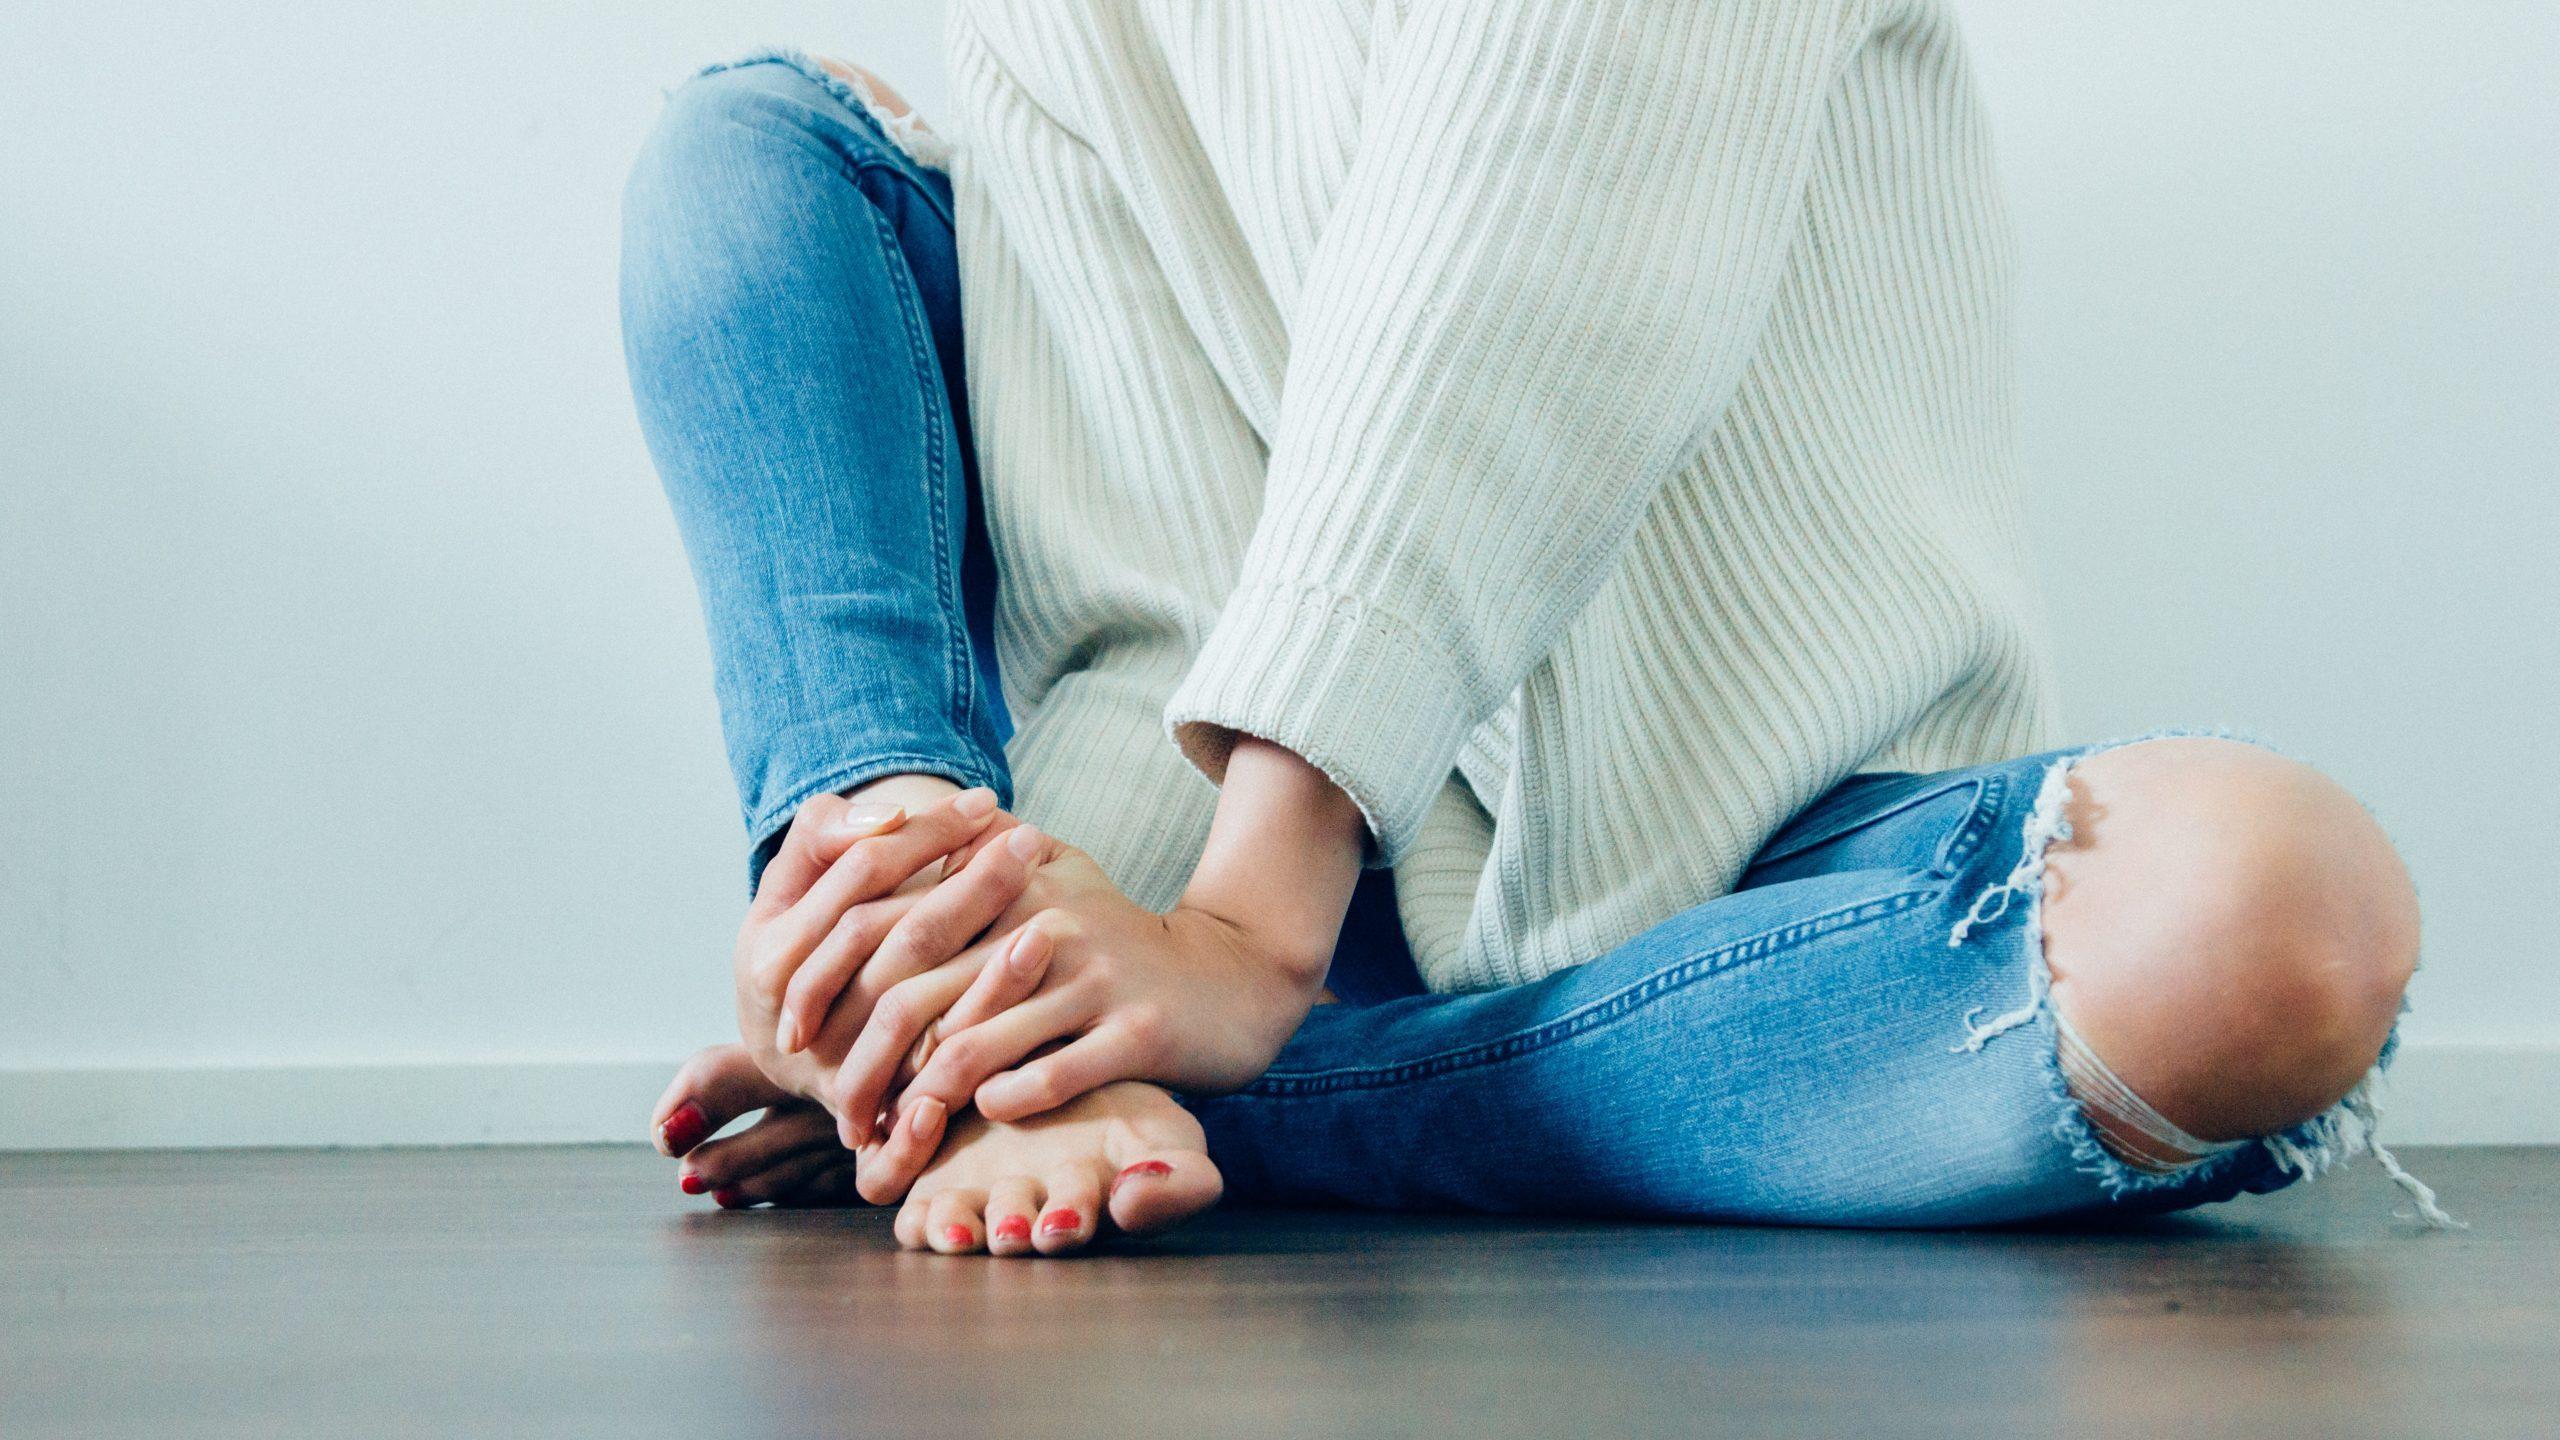 Regelschmerzen lindern – Was du wirklich tun kannst Anne Lippold Fraulichkeit